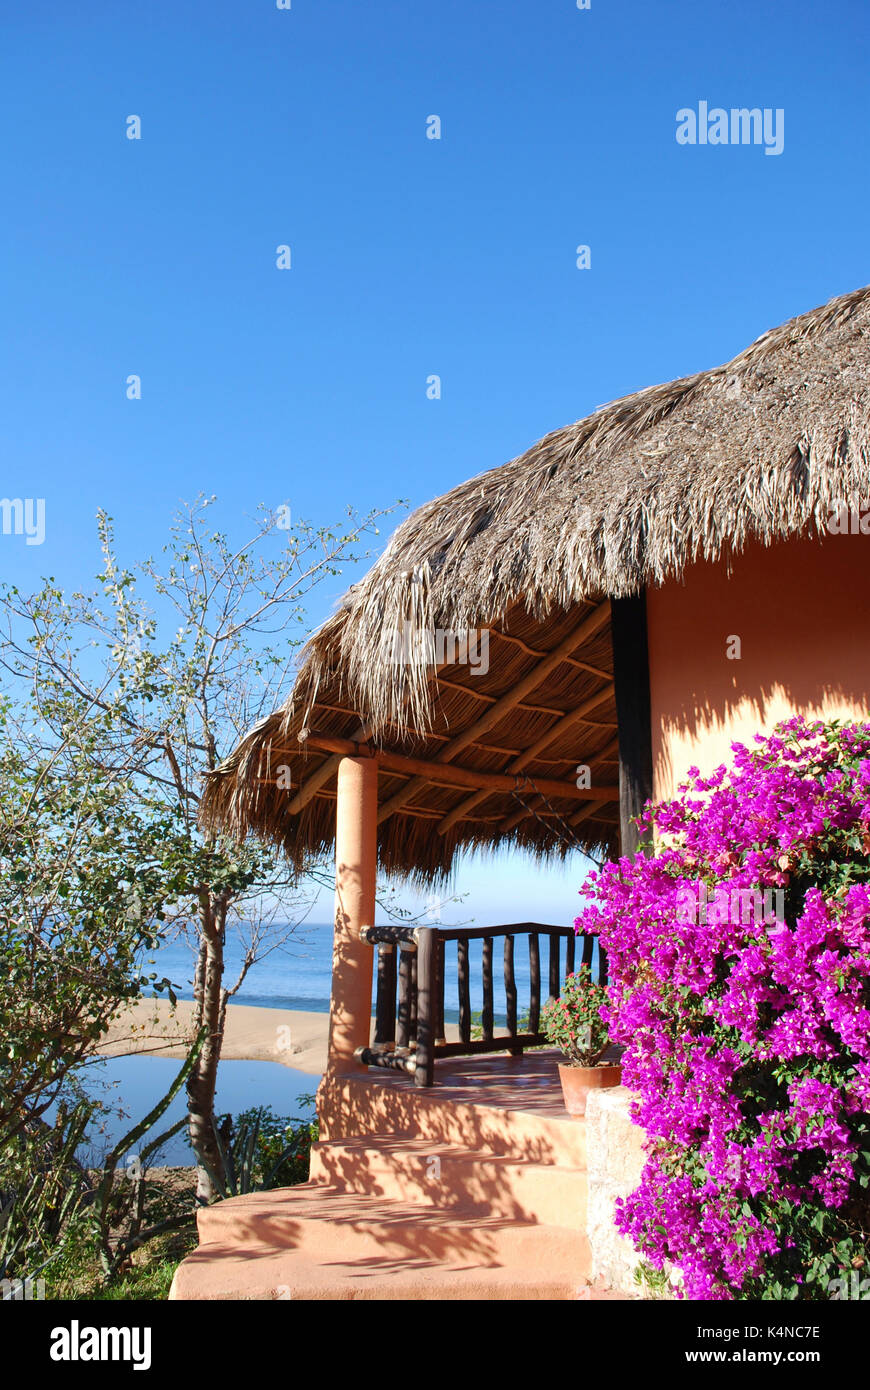 oceanview cabana, Villa del mar, Cabo Corrientes, Mexico - Stock Image